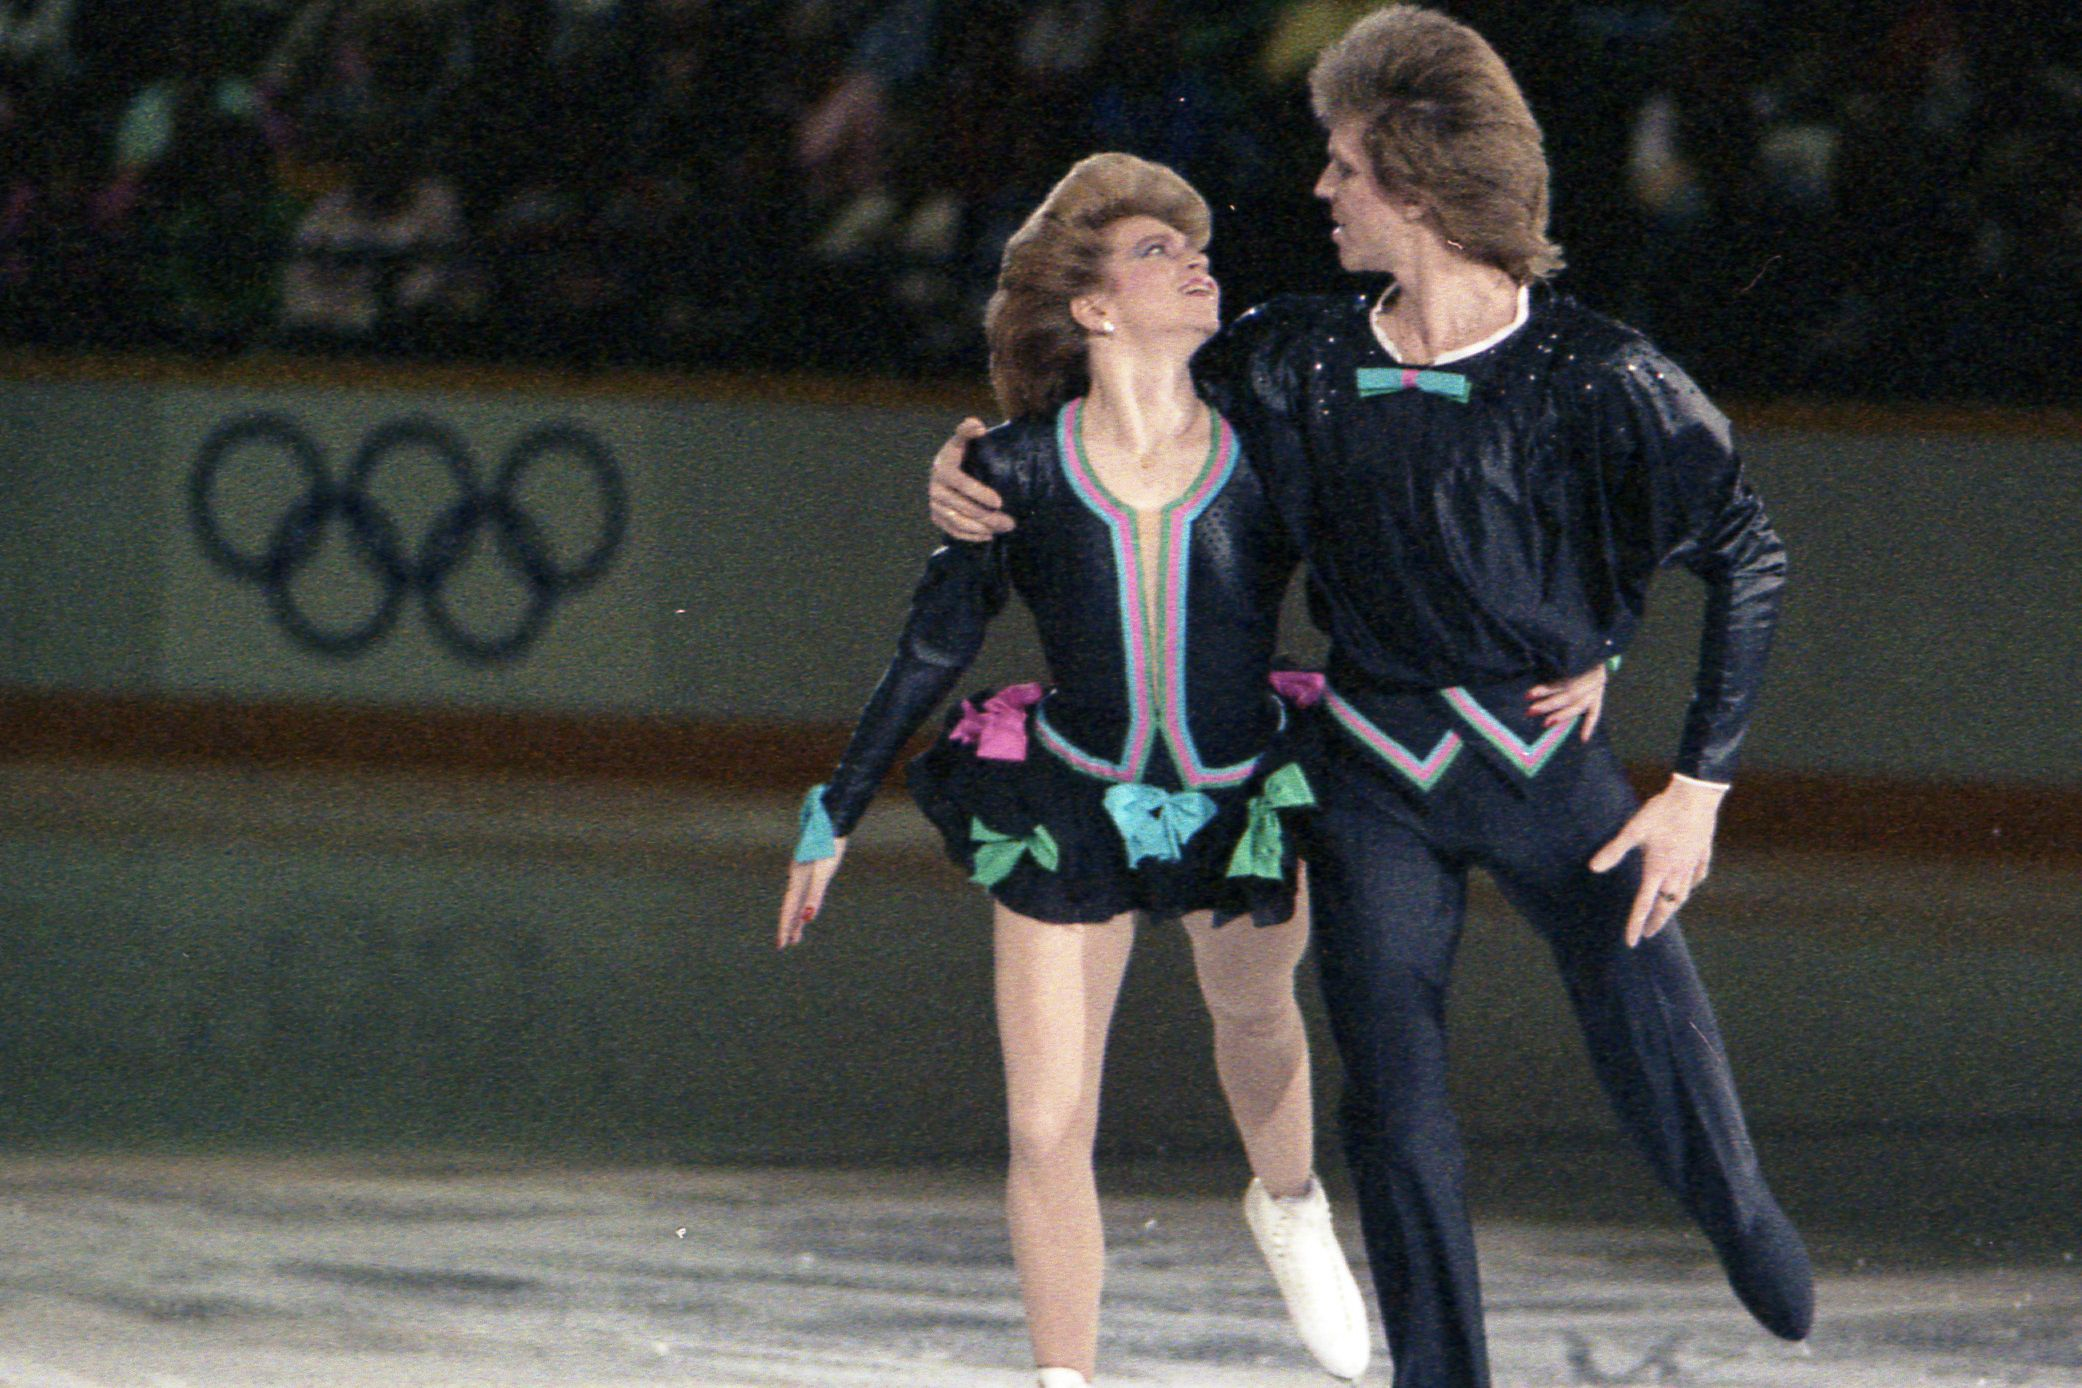 Бестемьянова считает, что Трусова не зря перешла к Плющенко, не смотря на провал в Москве